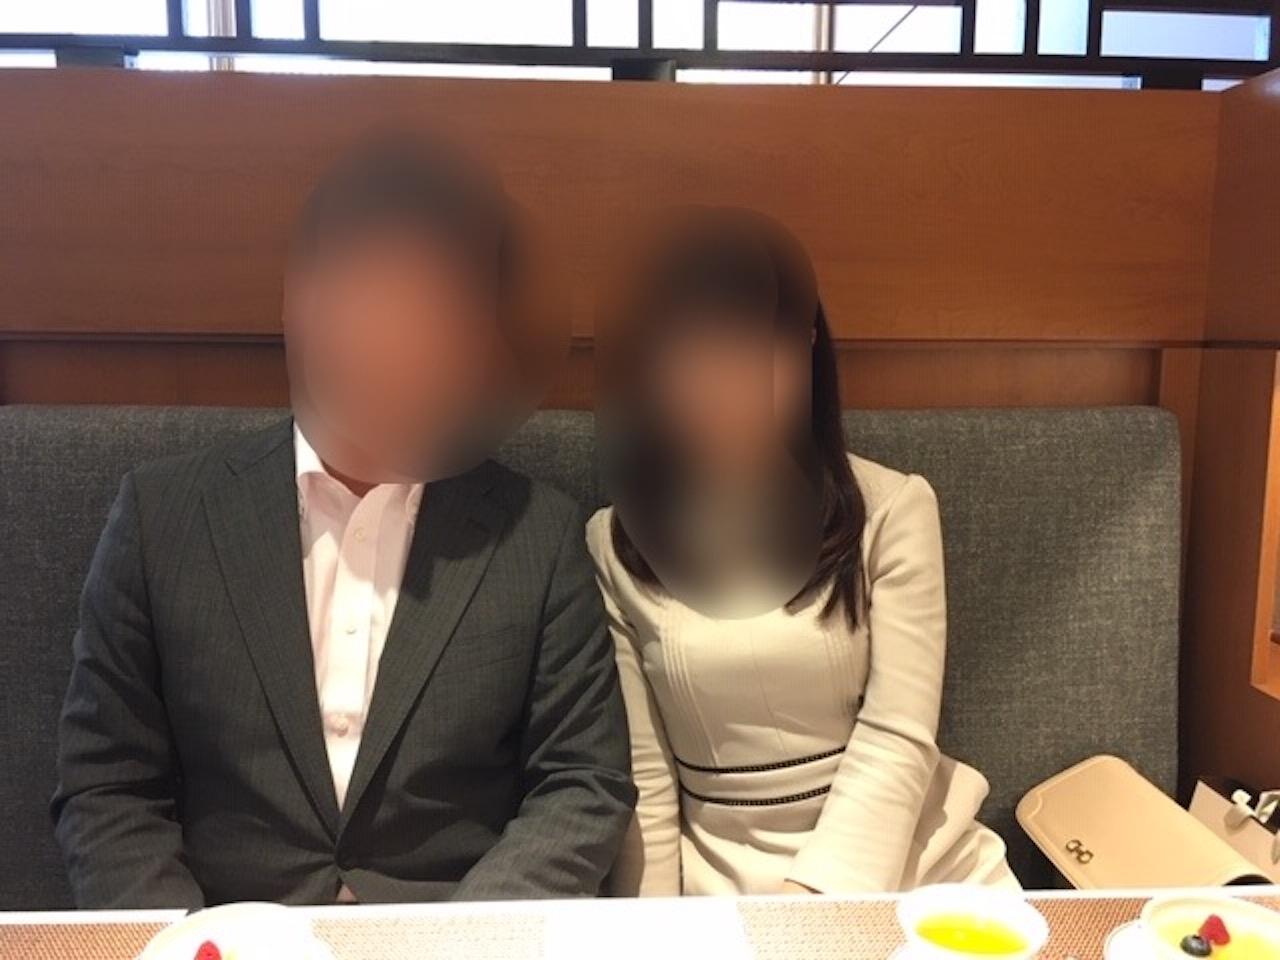 2019/4/14ご成婚ランチ カップル